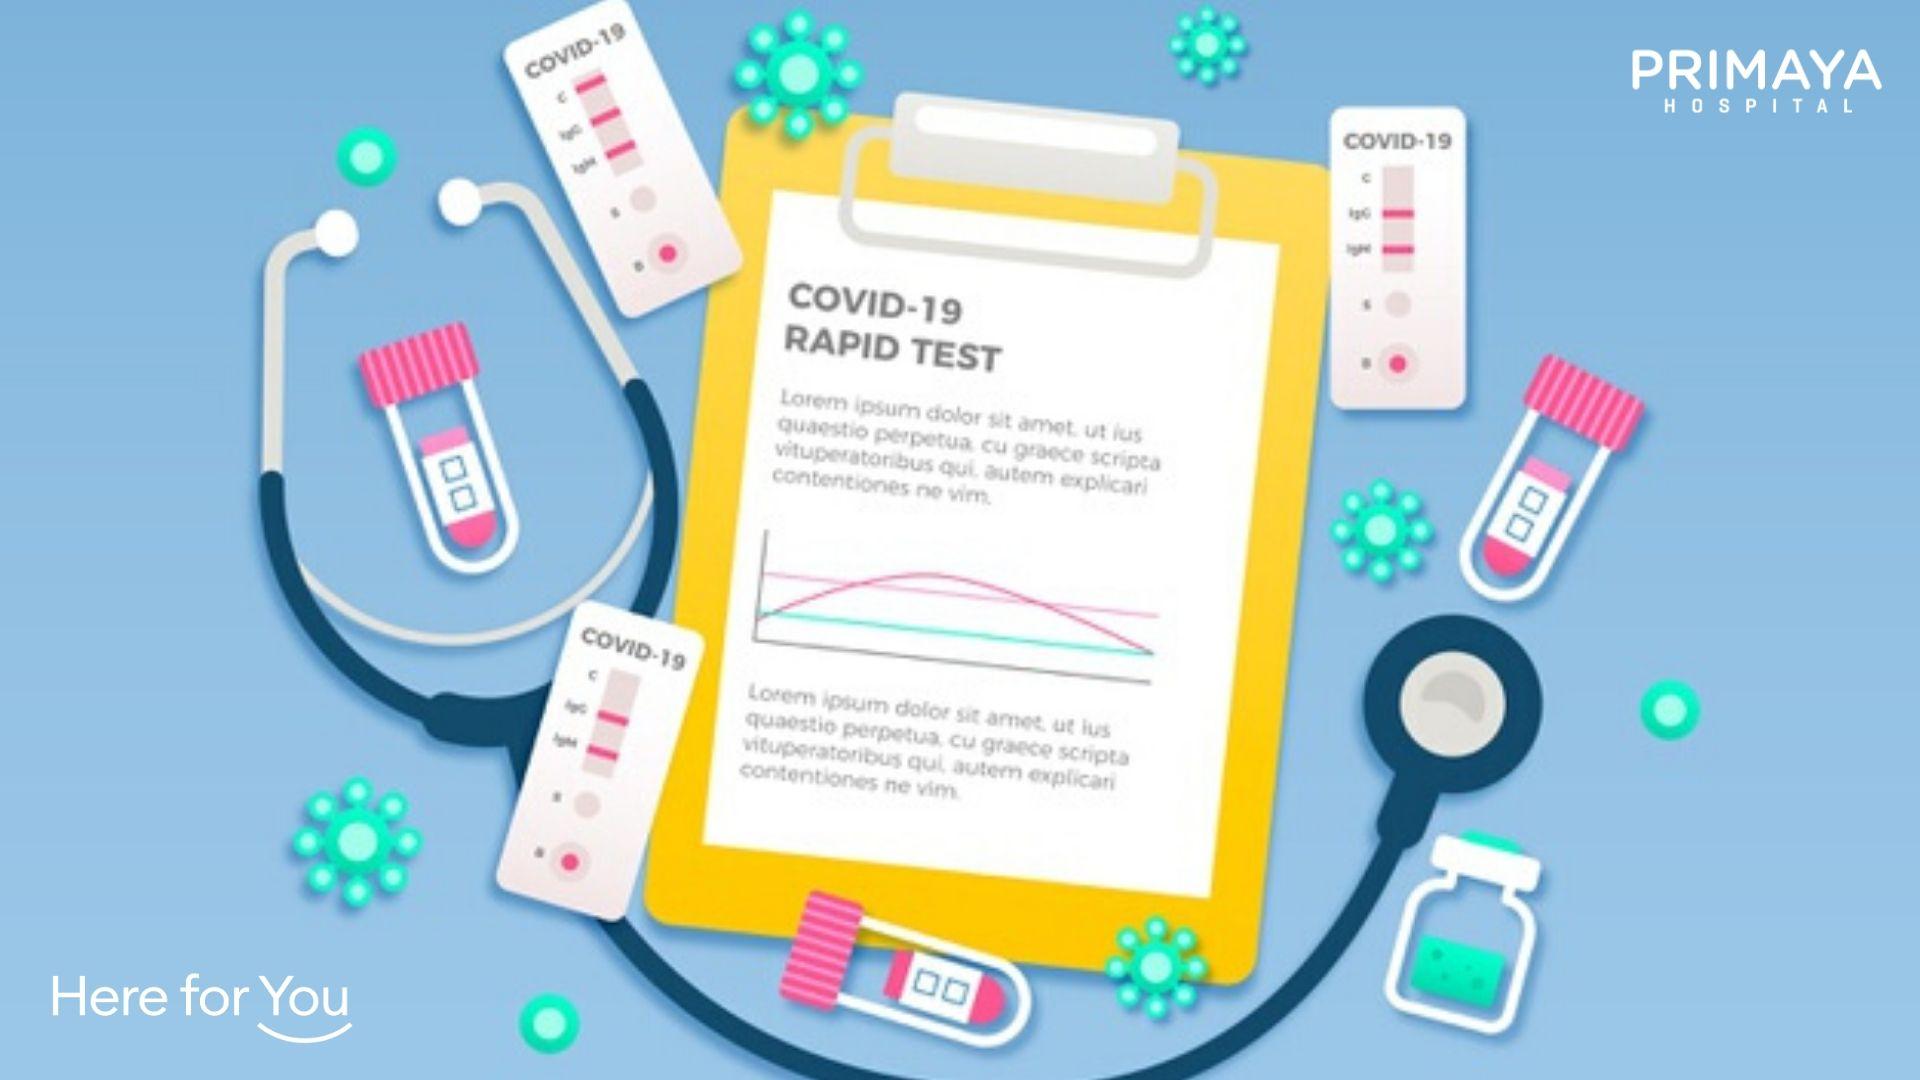 Apa itu Rapid Test Antibodi untuk deteksi SARS-CoV2